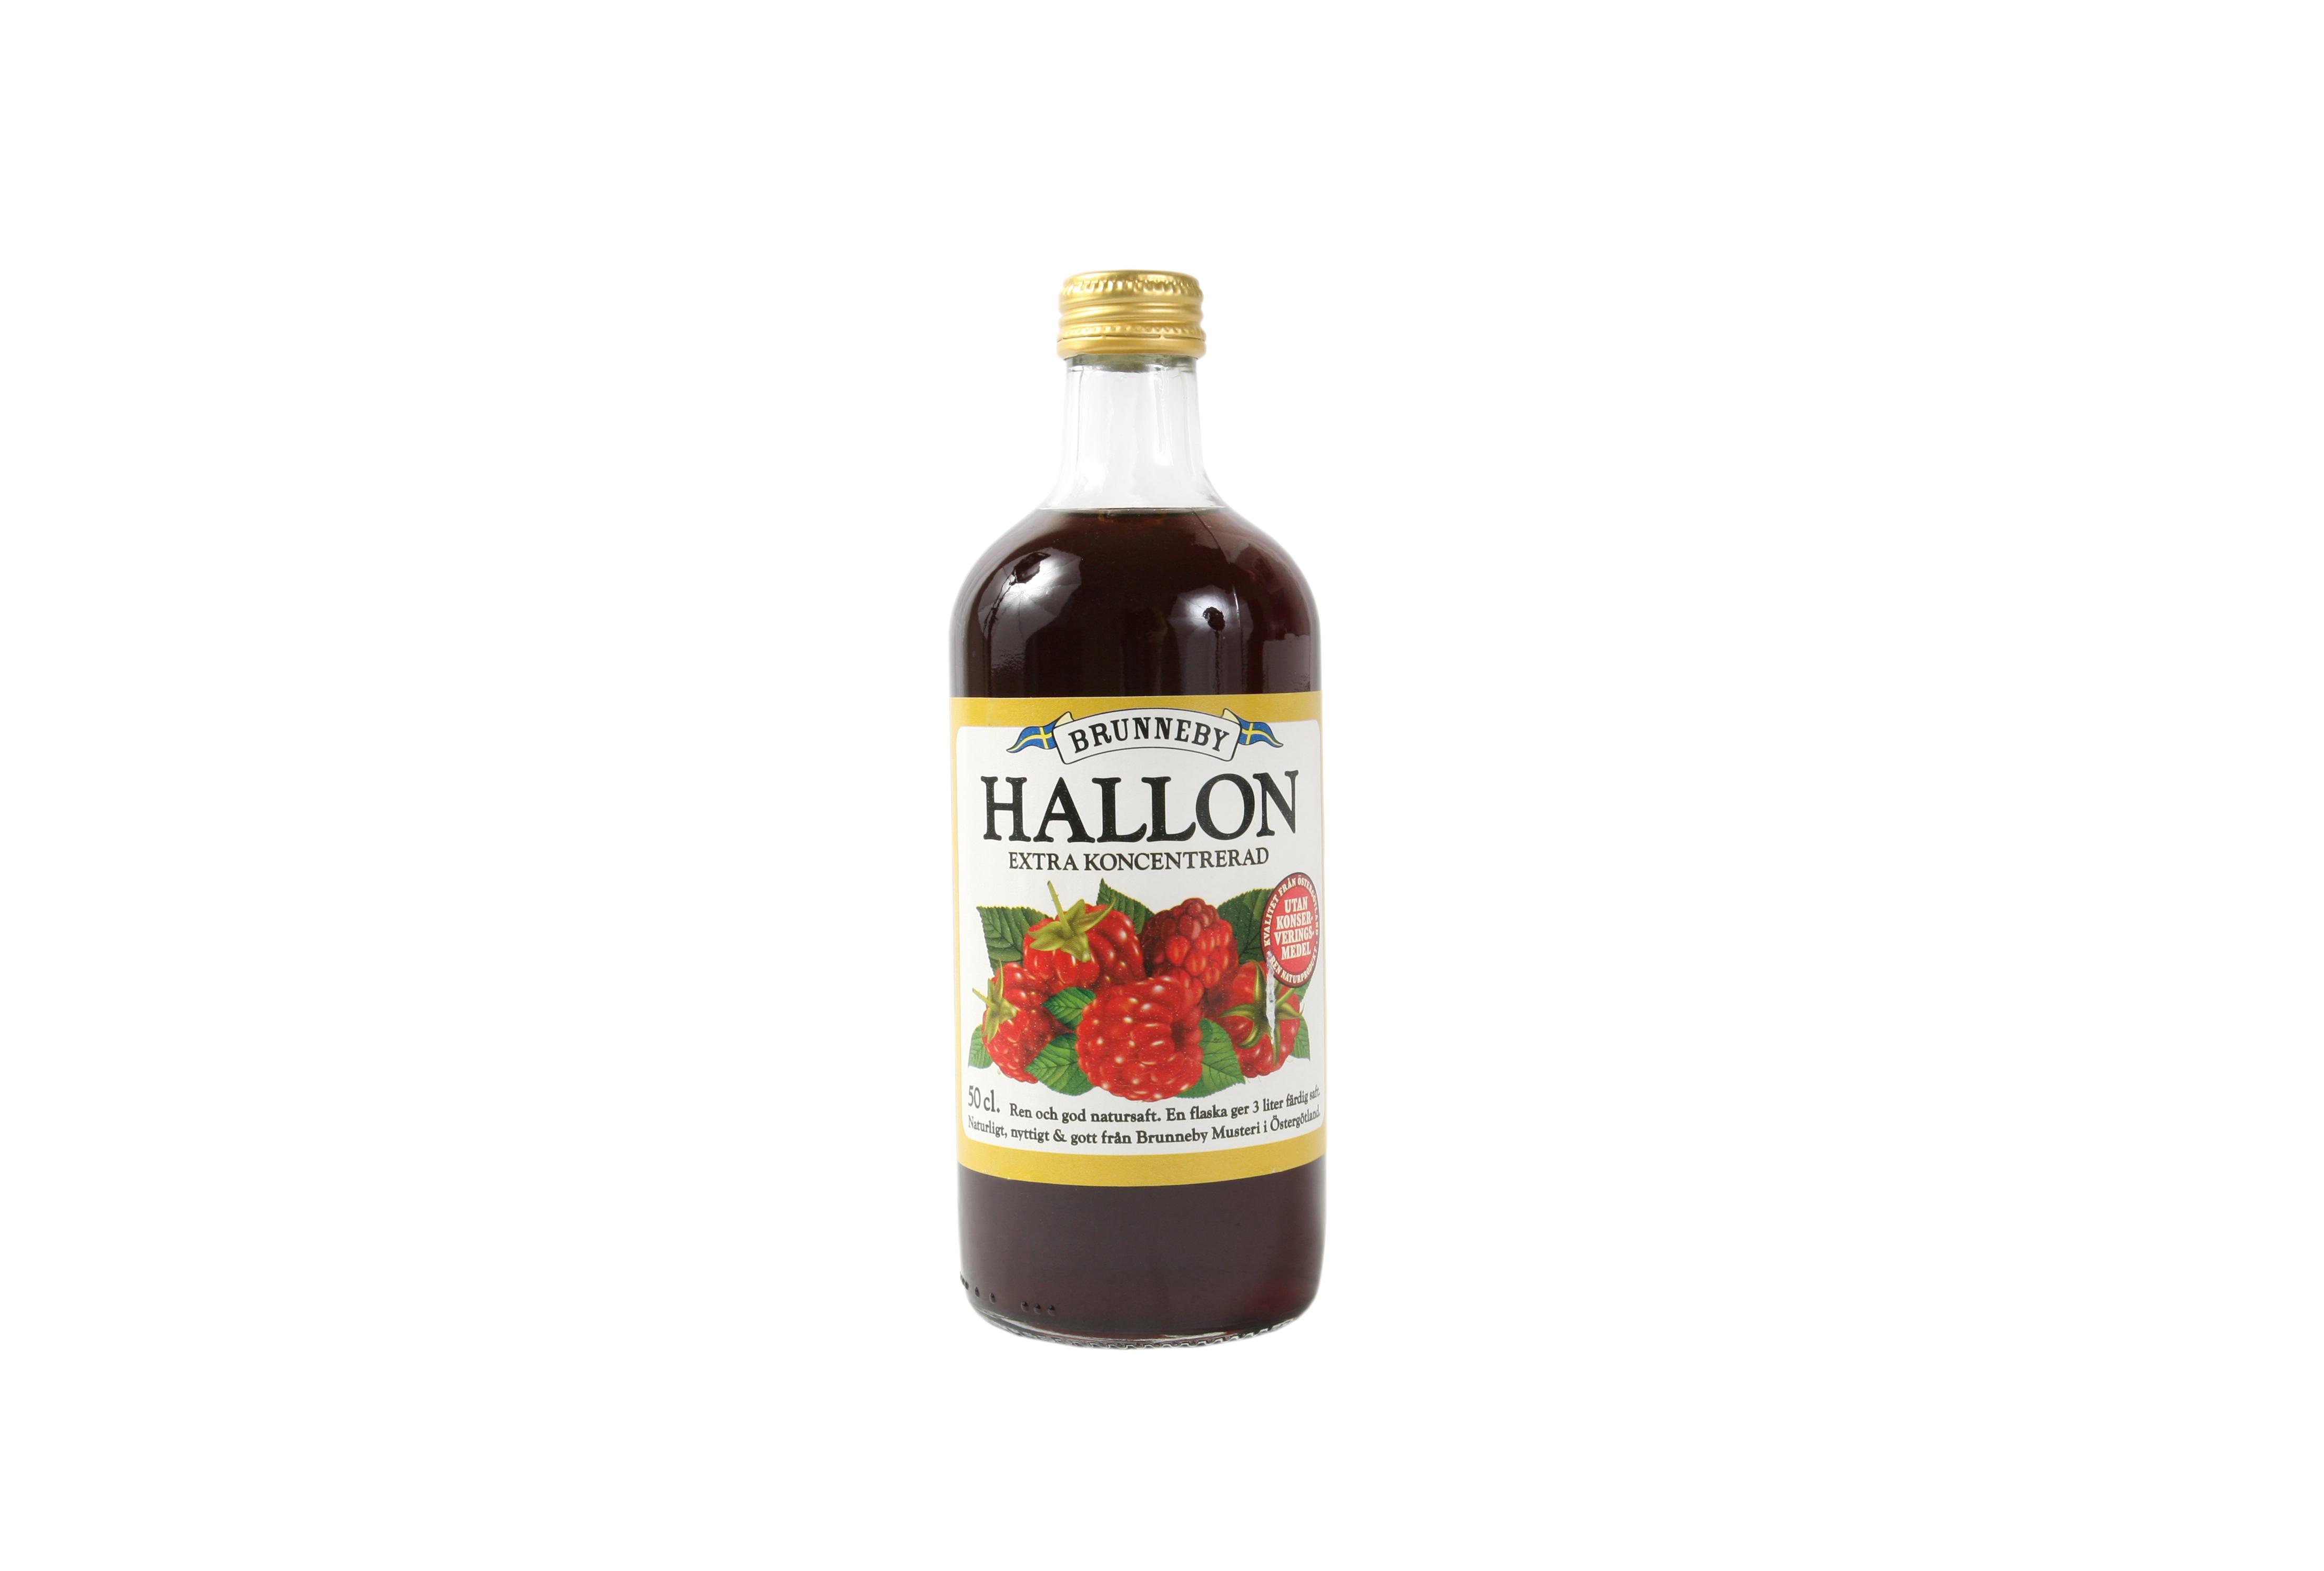 Högupplöst bild på Hallonsaft i 50cl flaska.